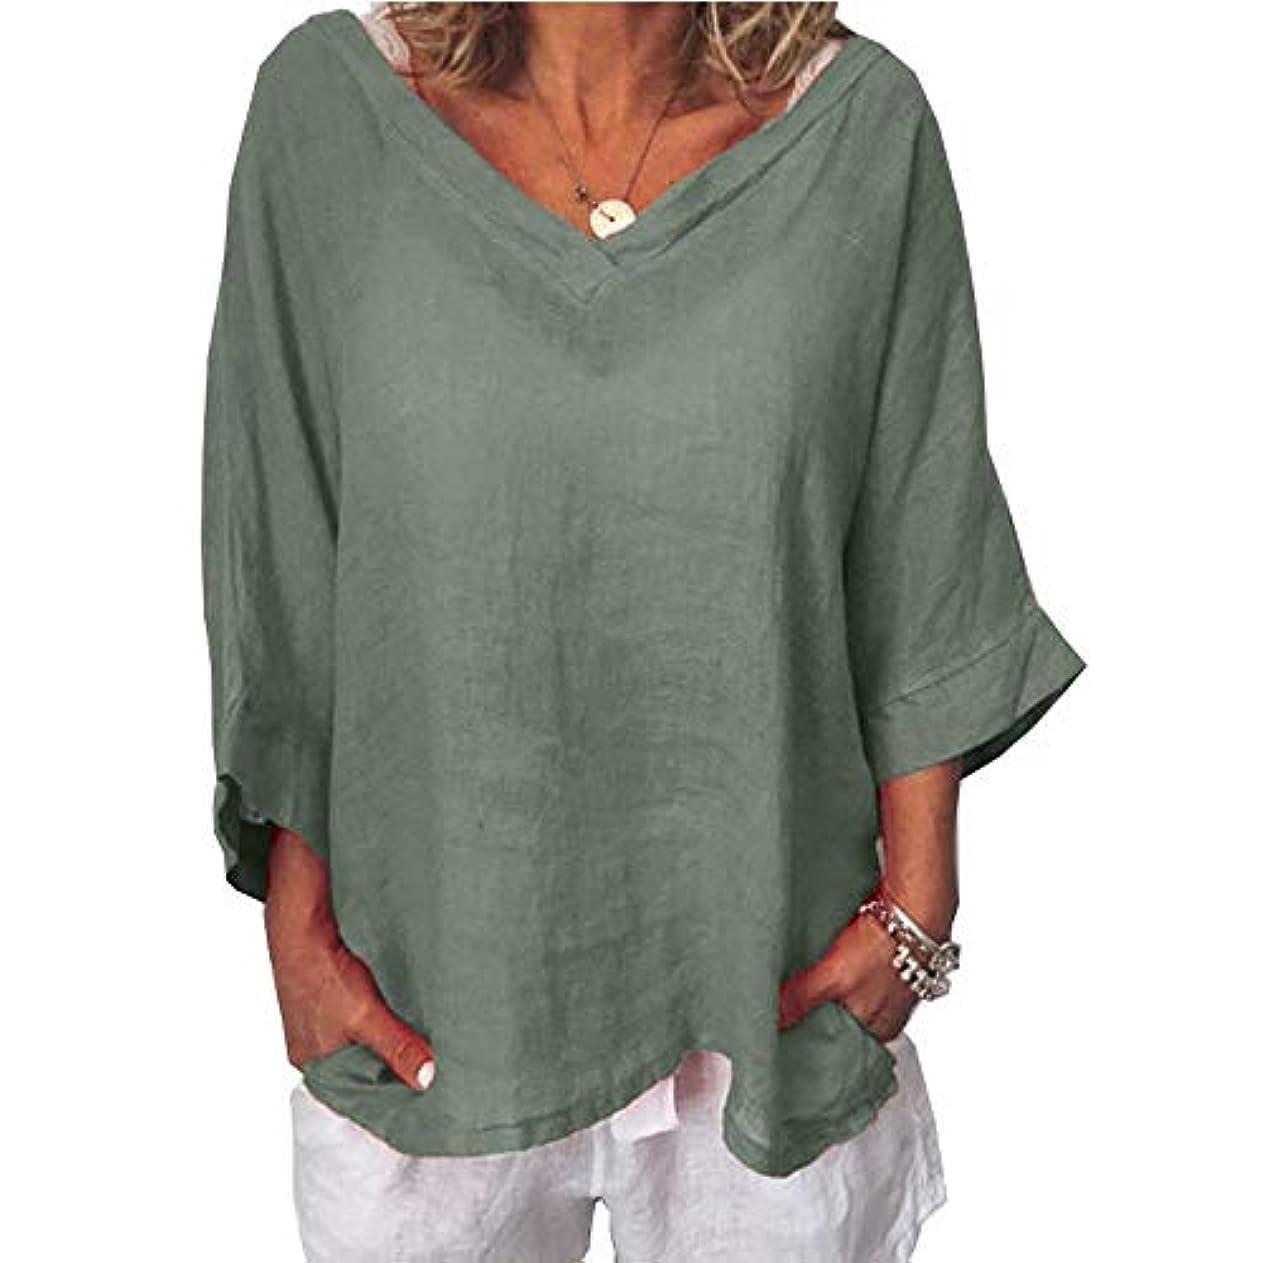 親エイリアン売上高MIFAN女性ファッションカジュアルVネックトップス無地長袖Tシャツルーズボヘミアンビーチウェア